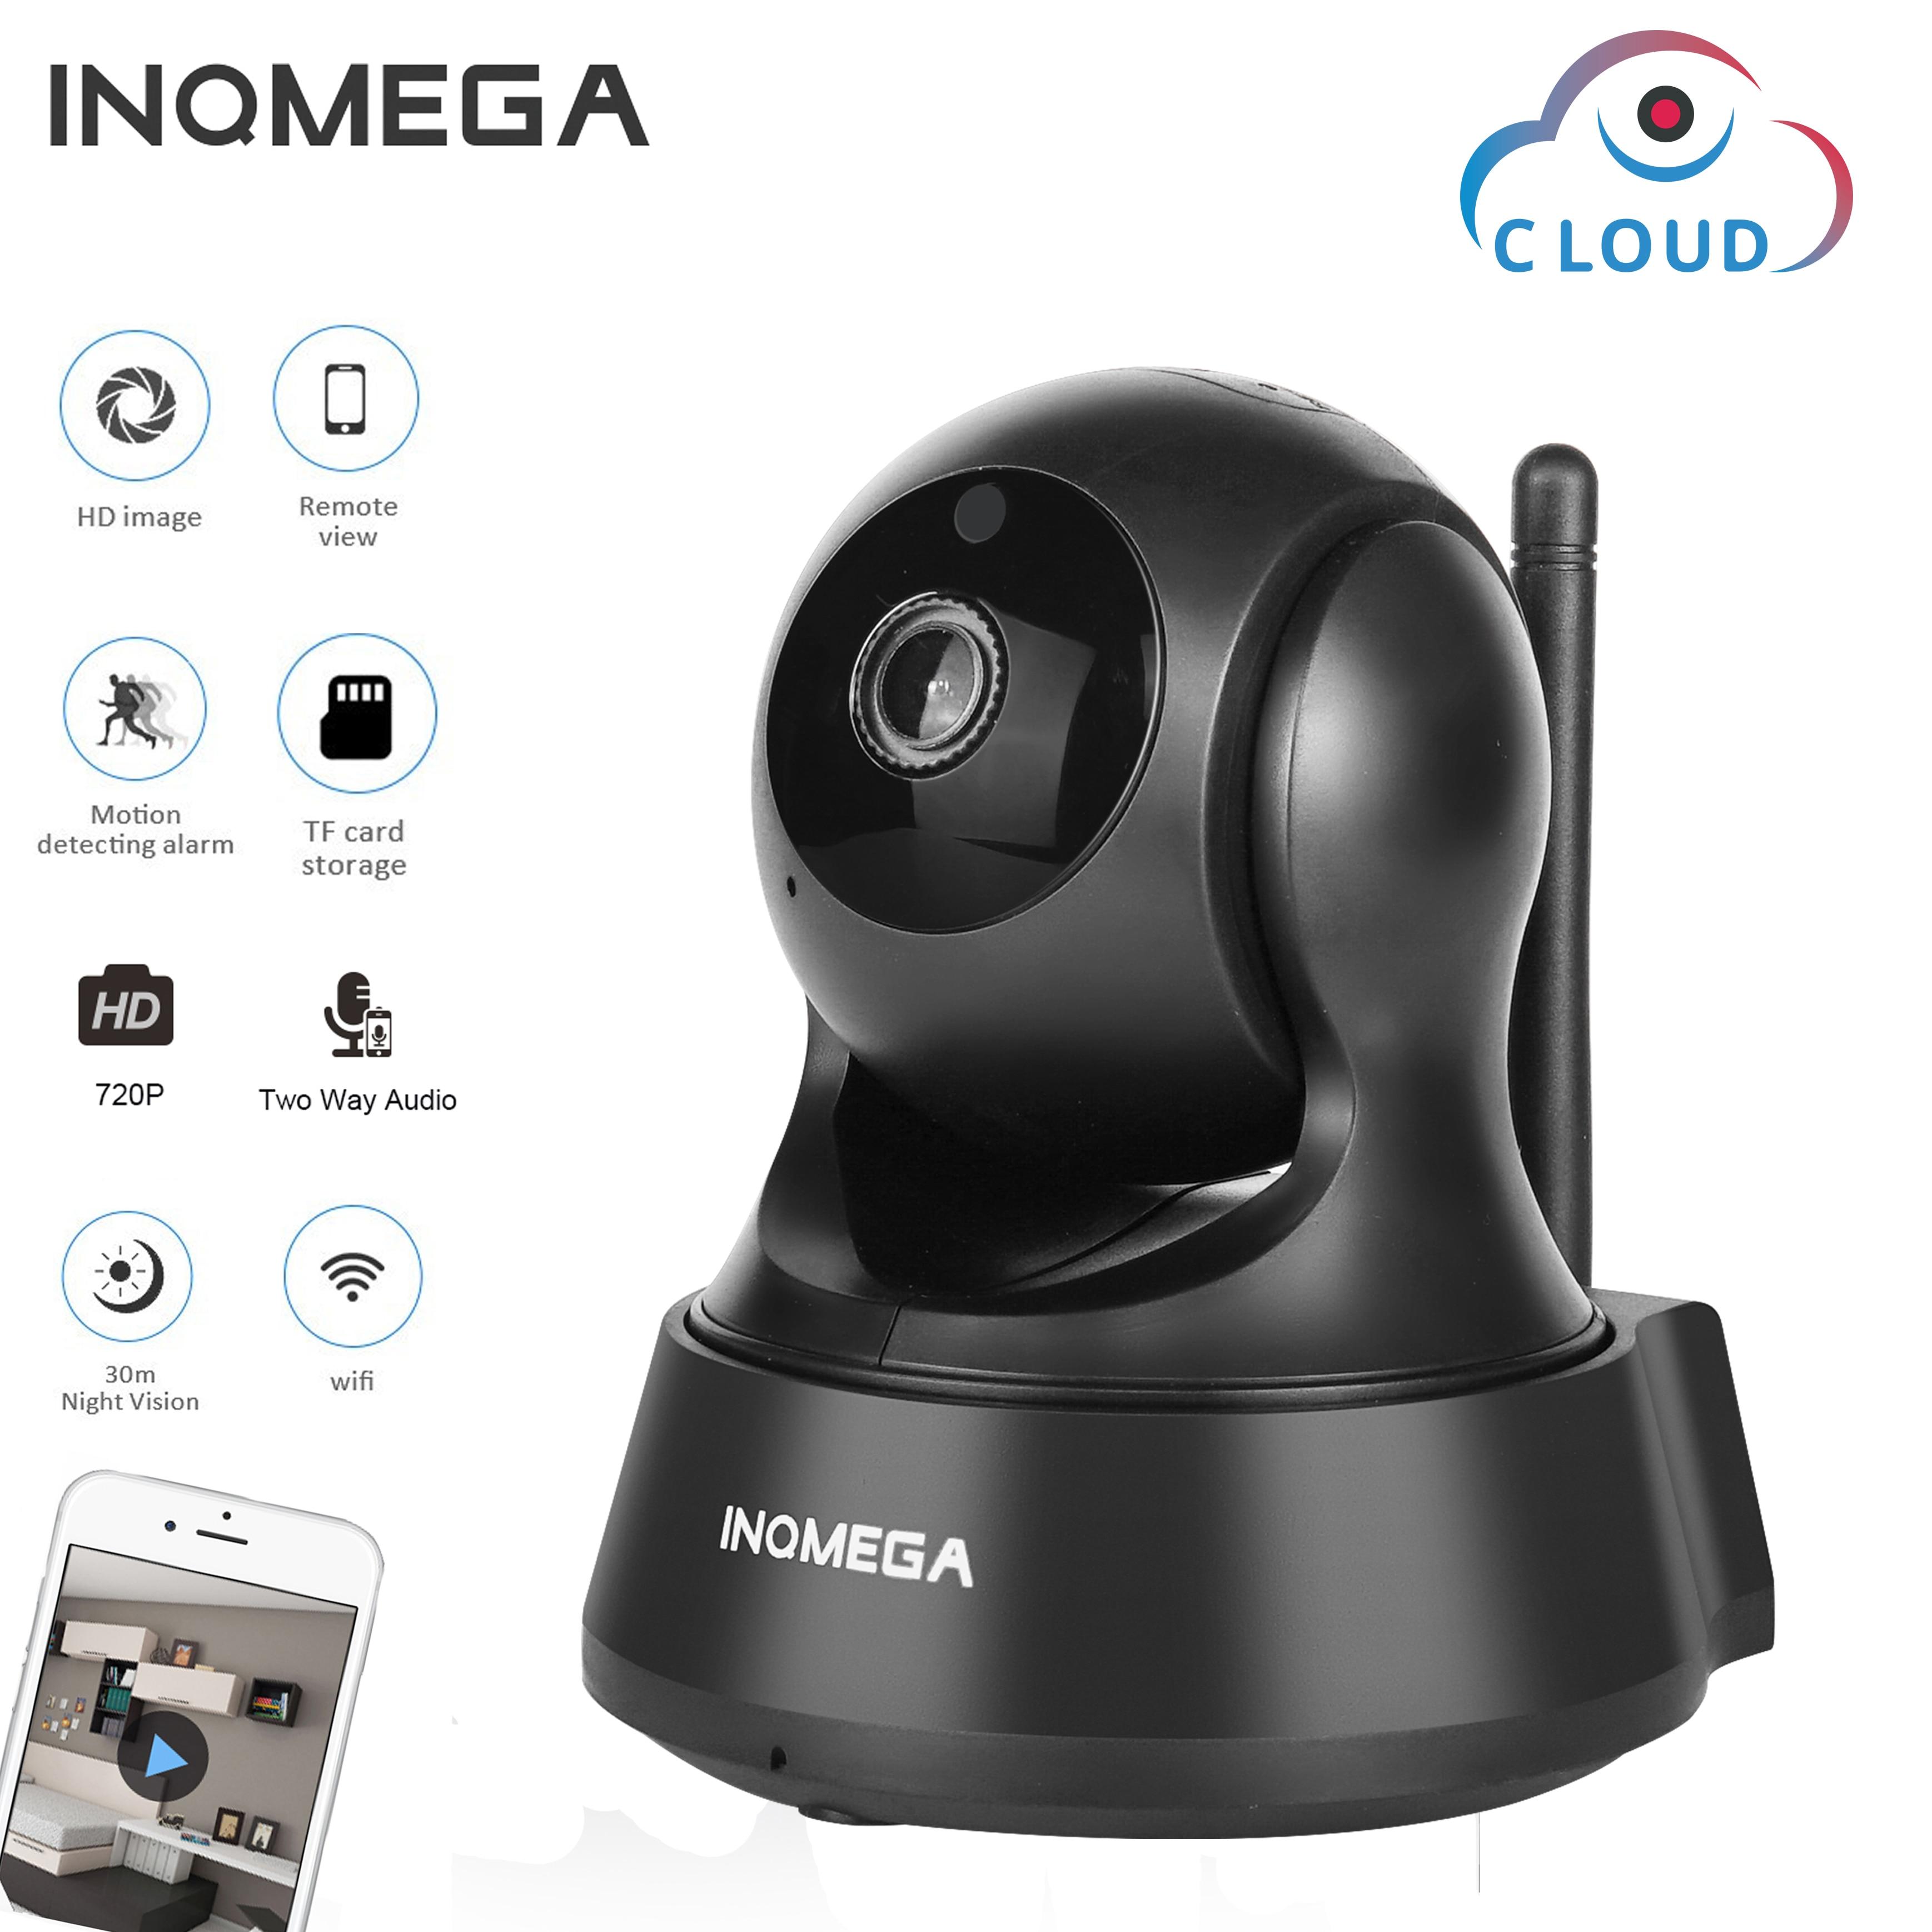 INQMEGA 720P облачная ip- камера для хранения беспроводная Wifi камера для домашней безопасности CCTV сетевая камера ночного видения детский монитор